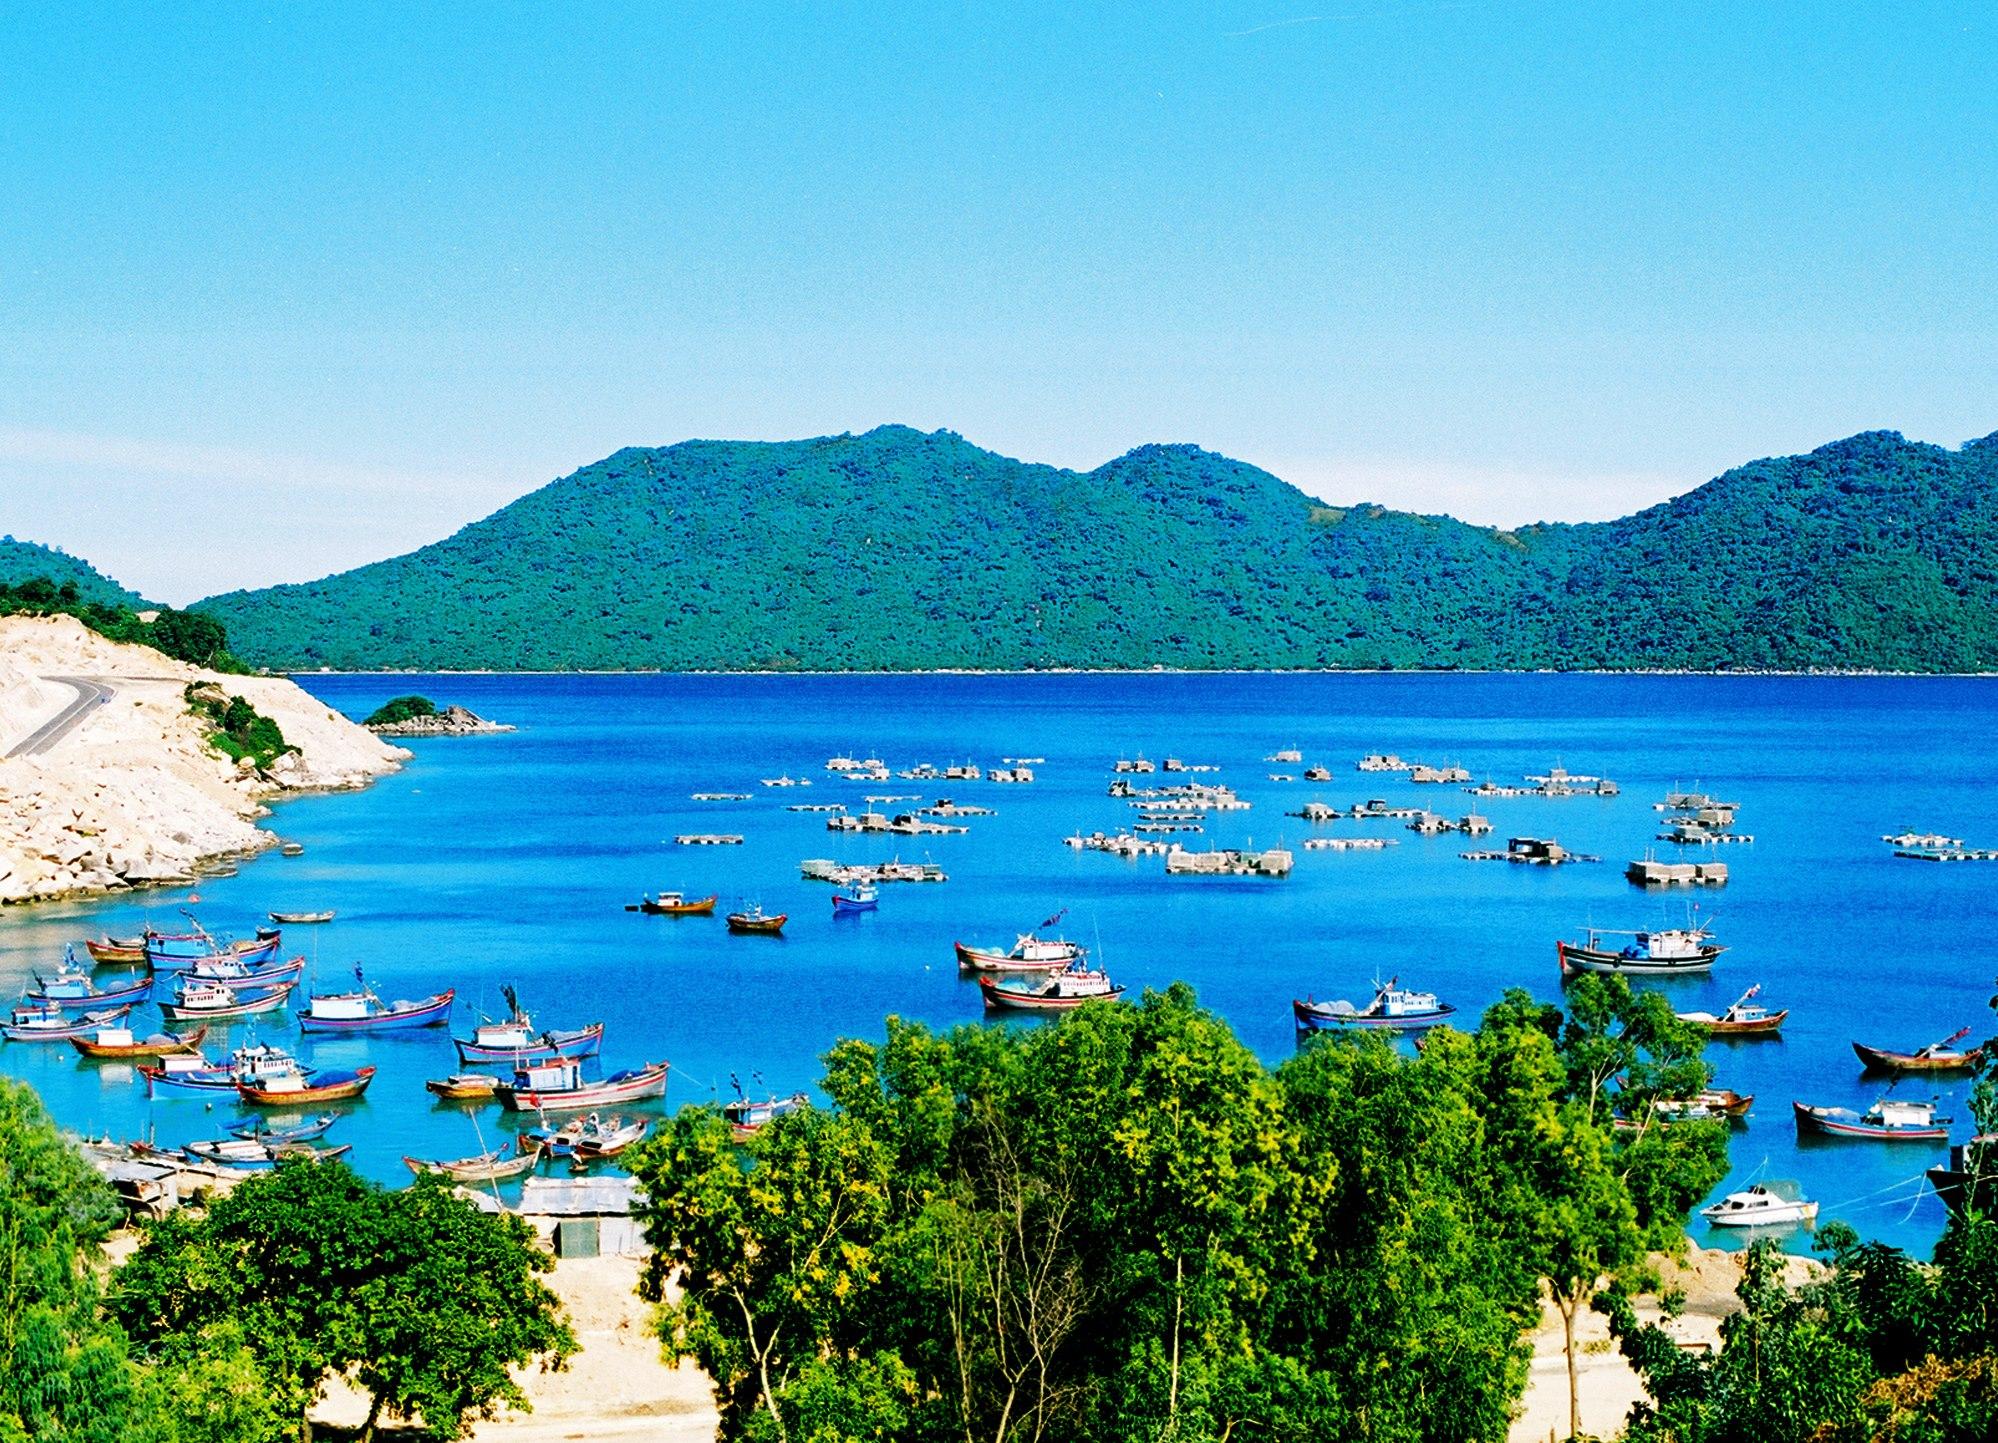 Khoảng cách từ Tuy Hòa đi Nha Trang bao nhiêu km